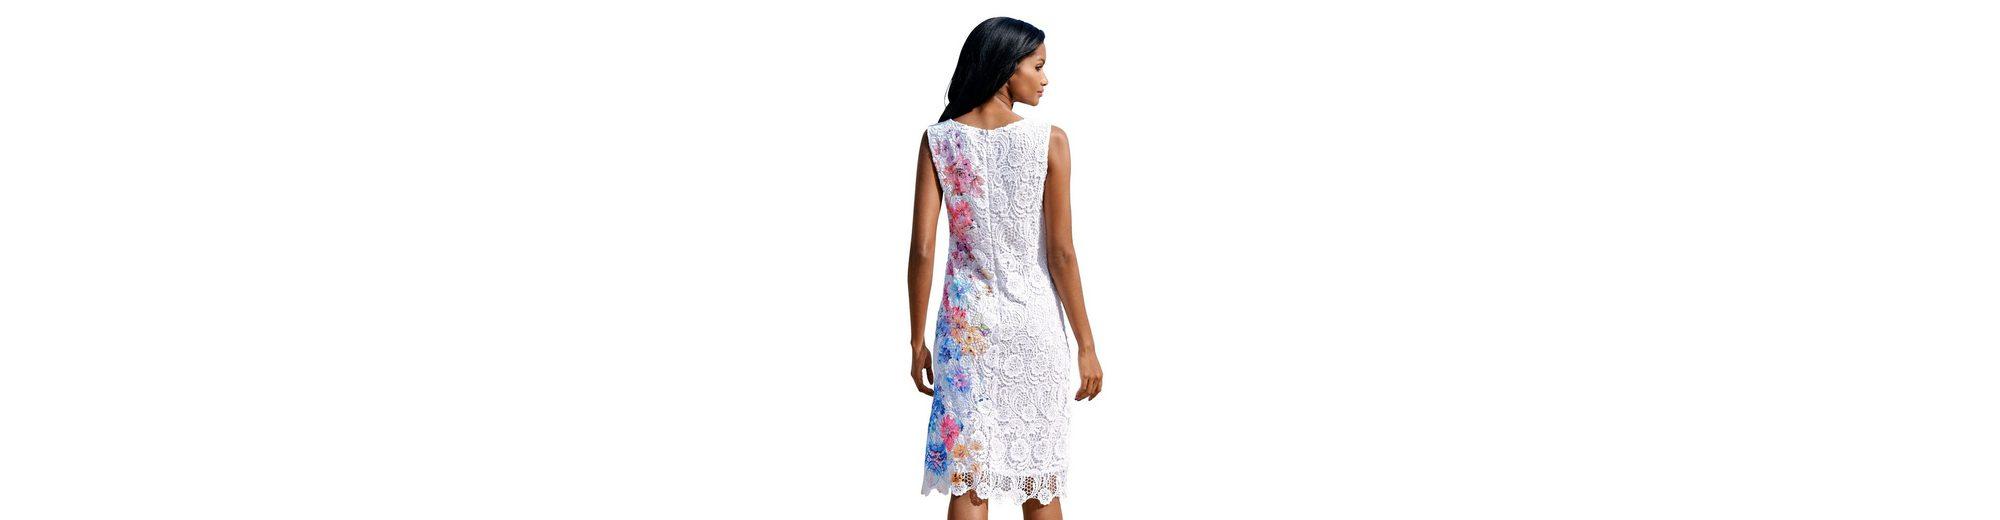 Ausgang Erhalten Authentisch Geschäft Zum Verkauf Alba Moda Spitzenkleid Spitzenkleid in Etuiform Perfekt Outlet-Store Online R2rP2g